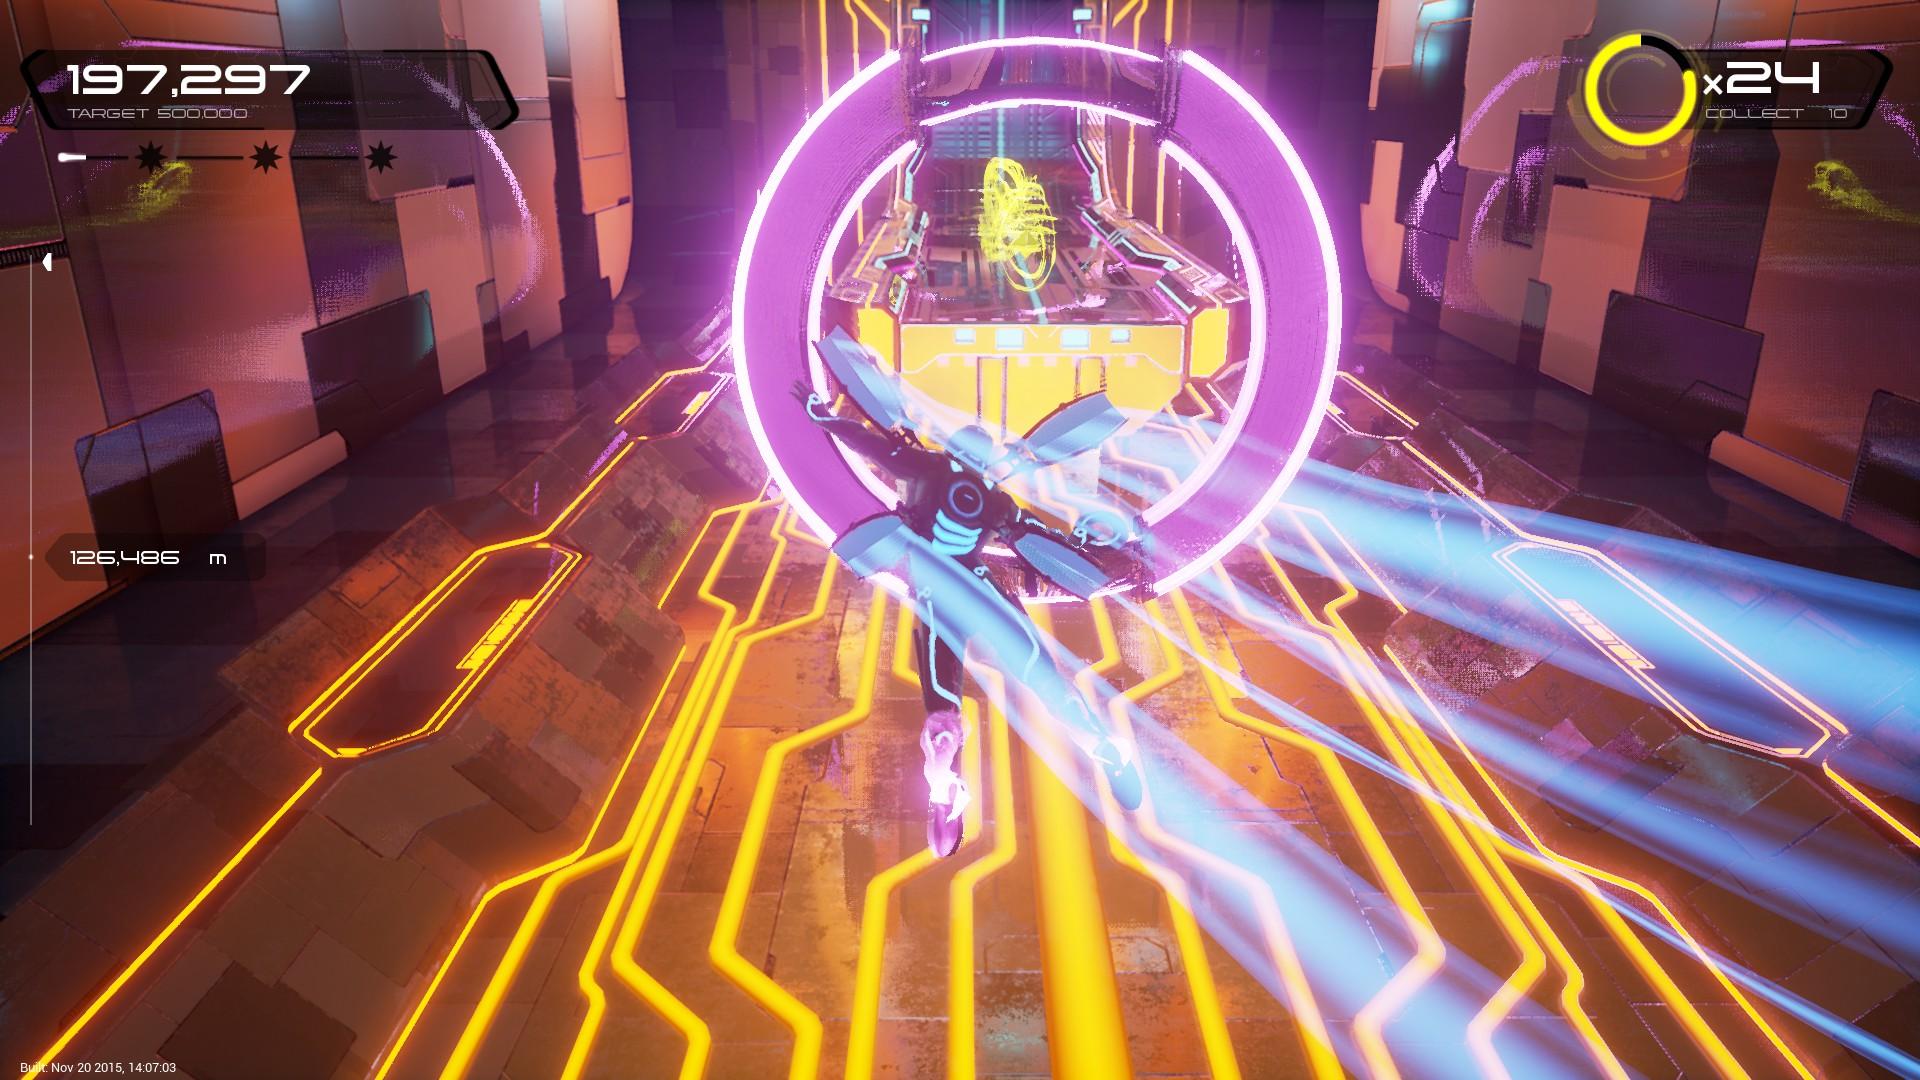 Game Awards '15: ¡Tron vuelve a nuestras PC con un juego sorpresa!